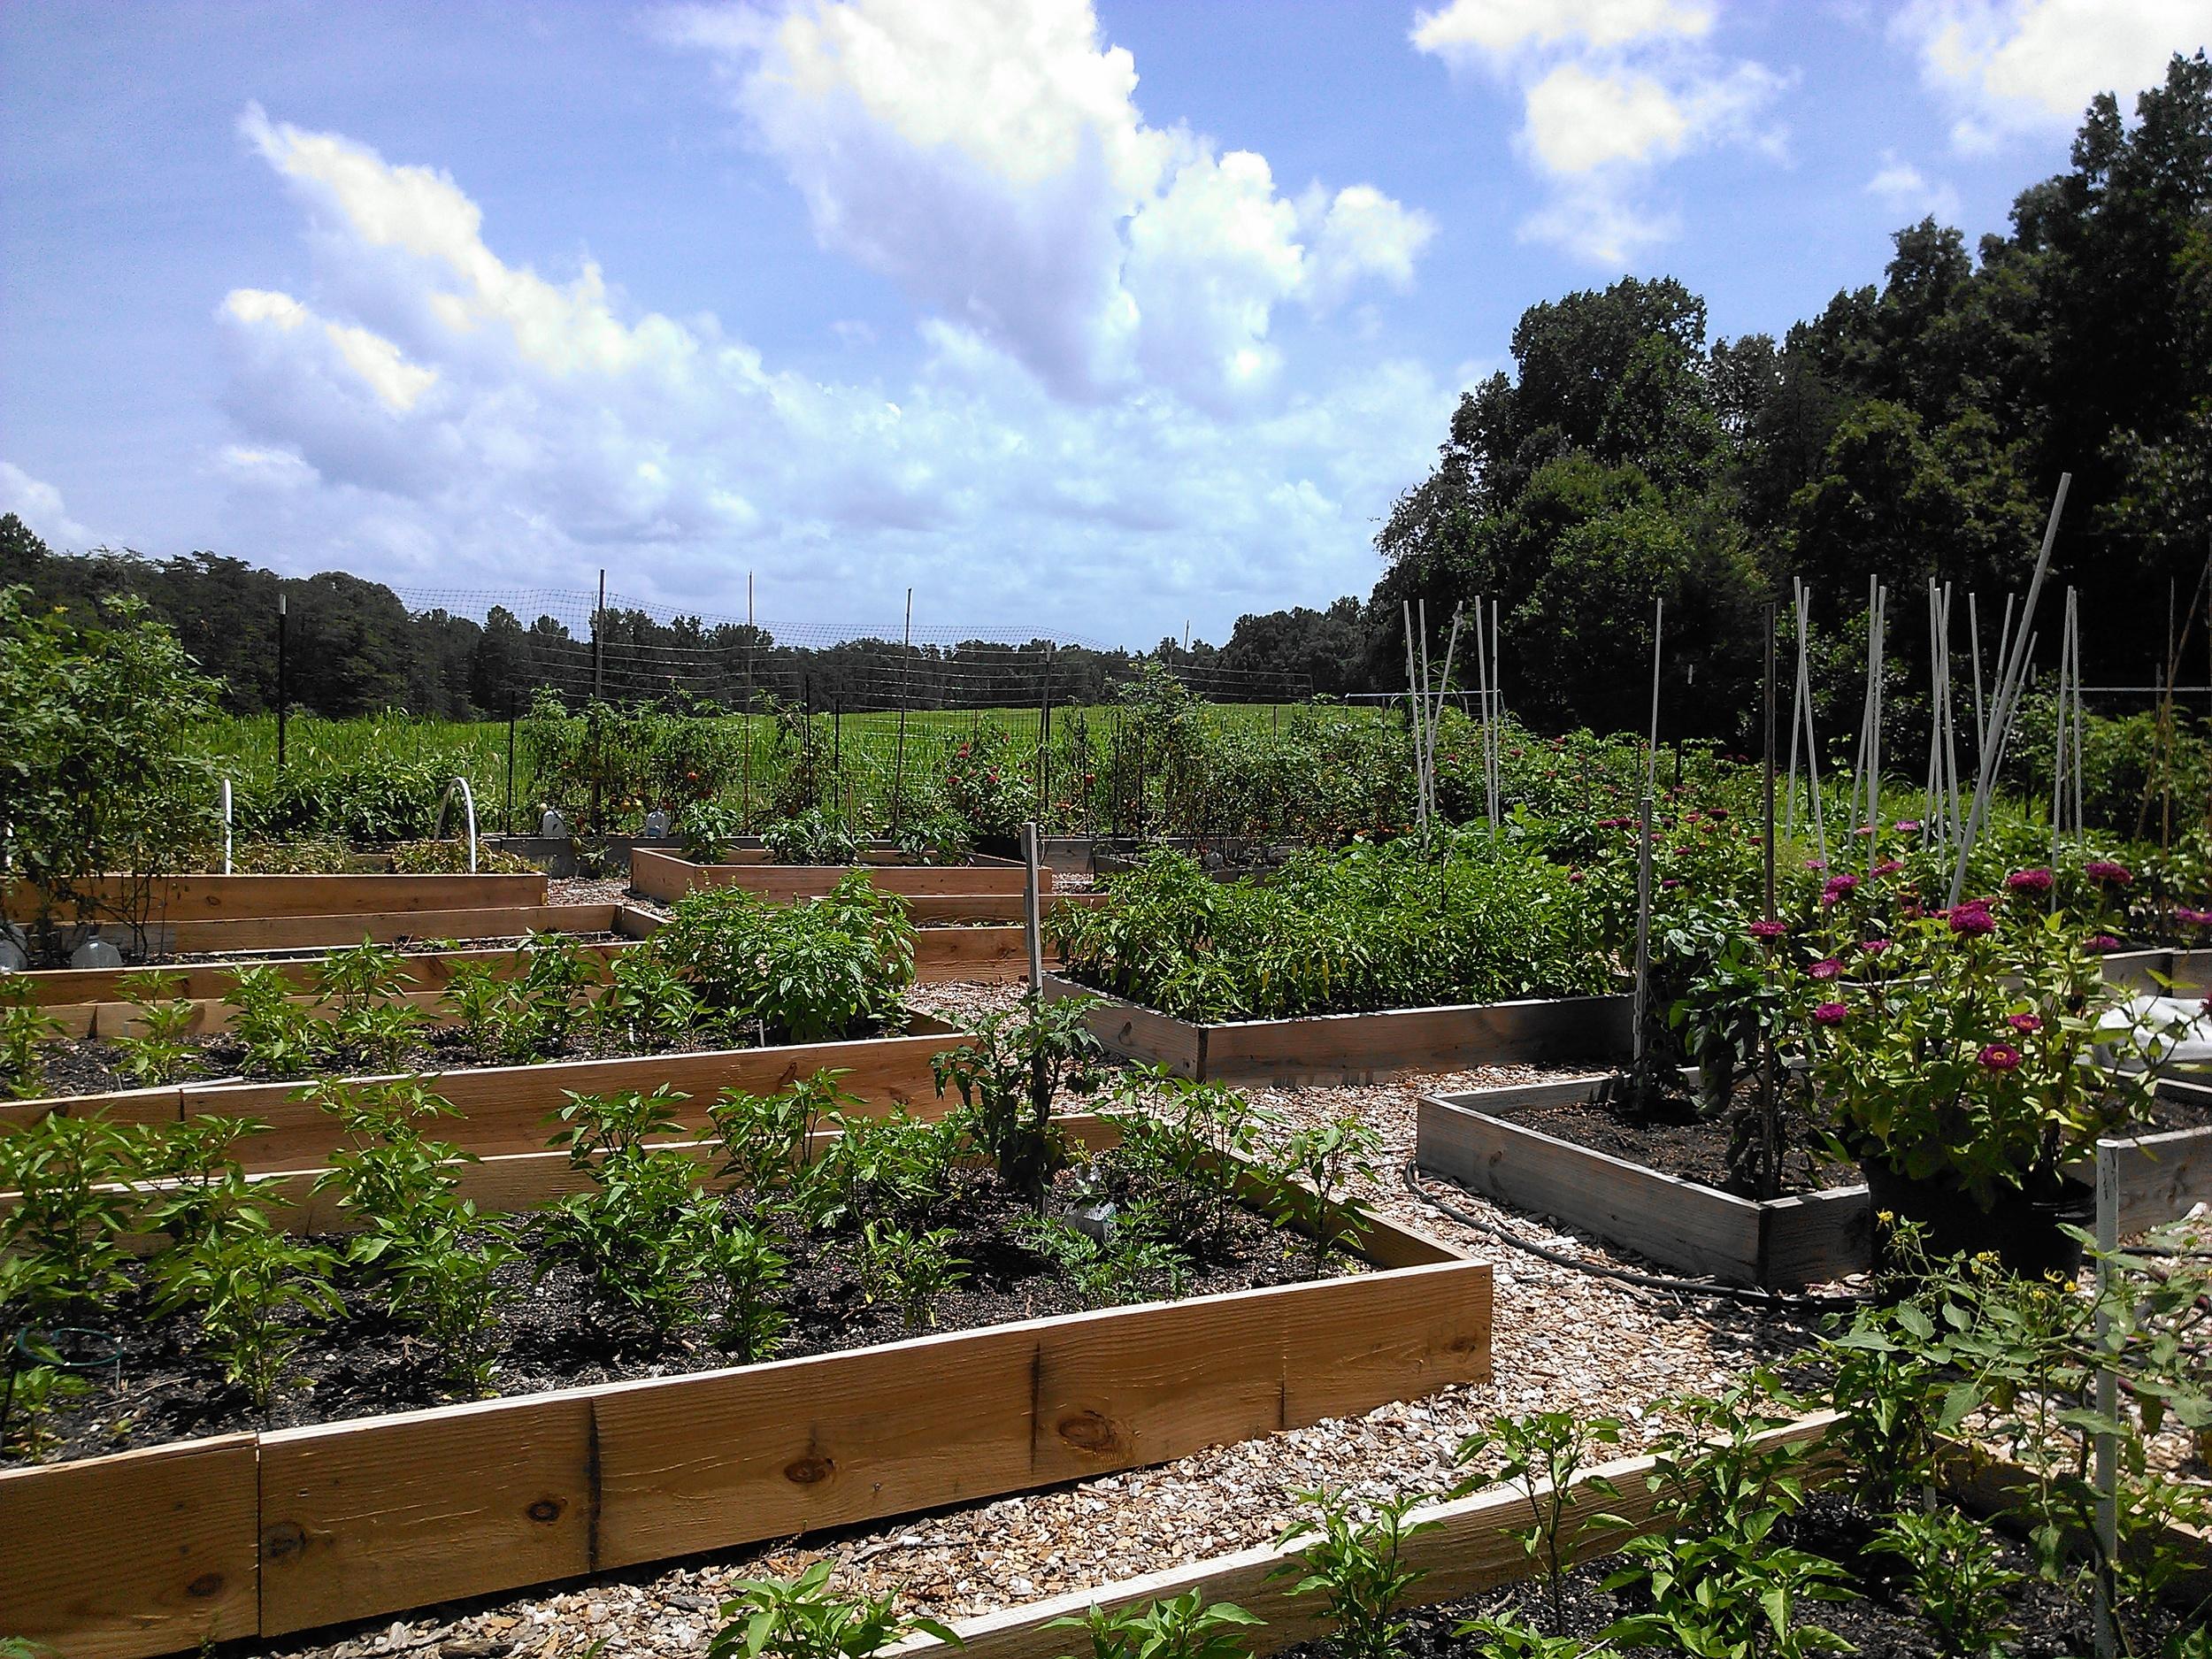 garden pic 6-13.jpg